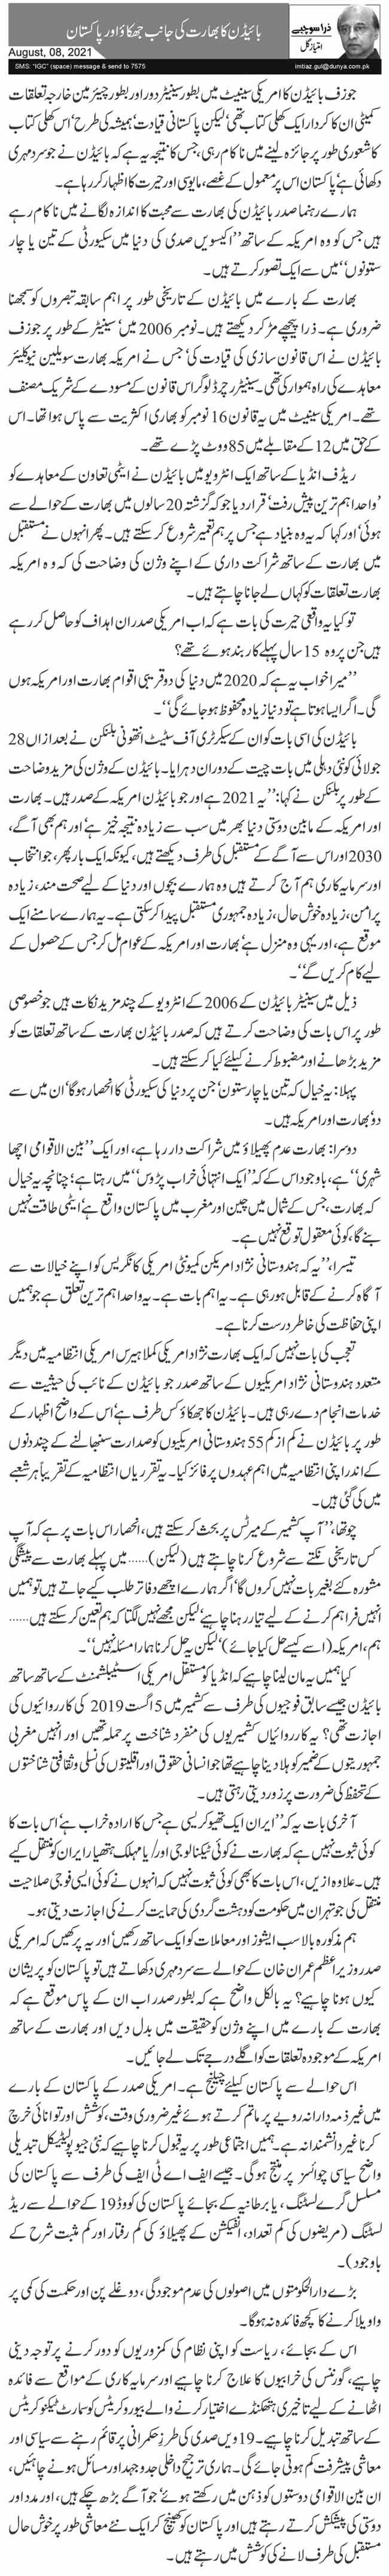 بائیڈن کا بھارت کی جانب جھکاؤ اور پاکستان